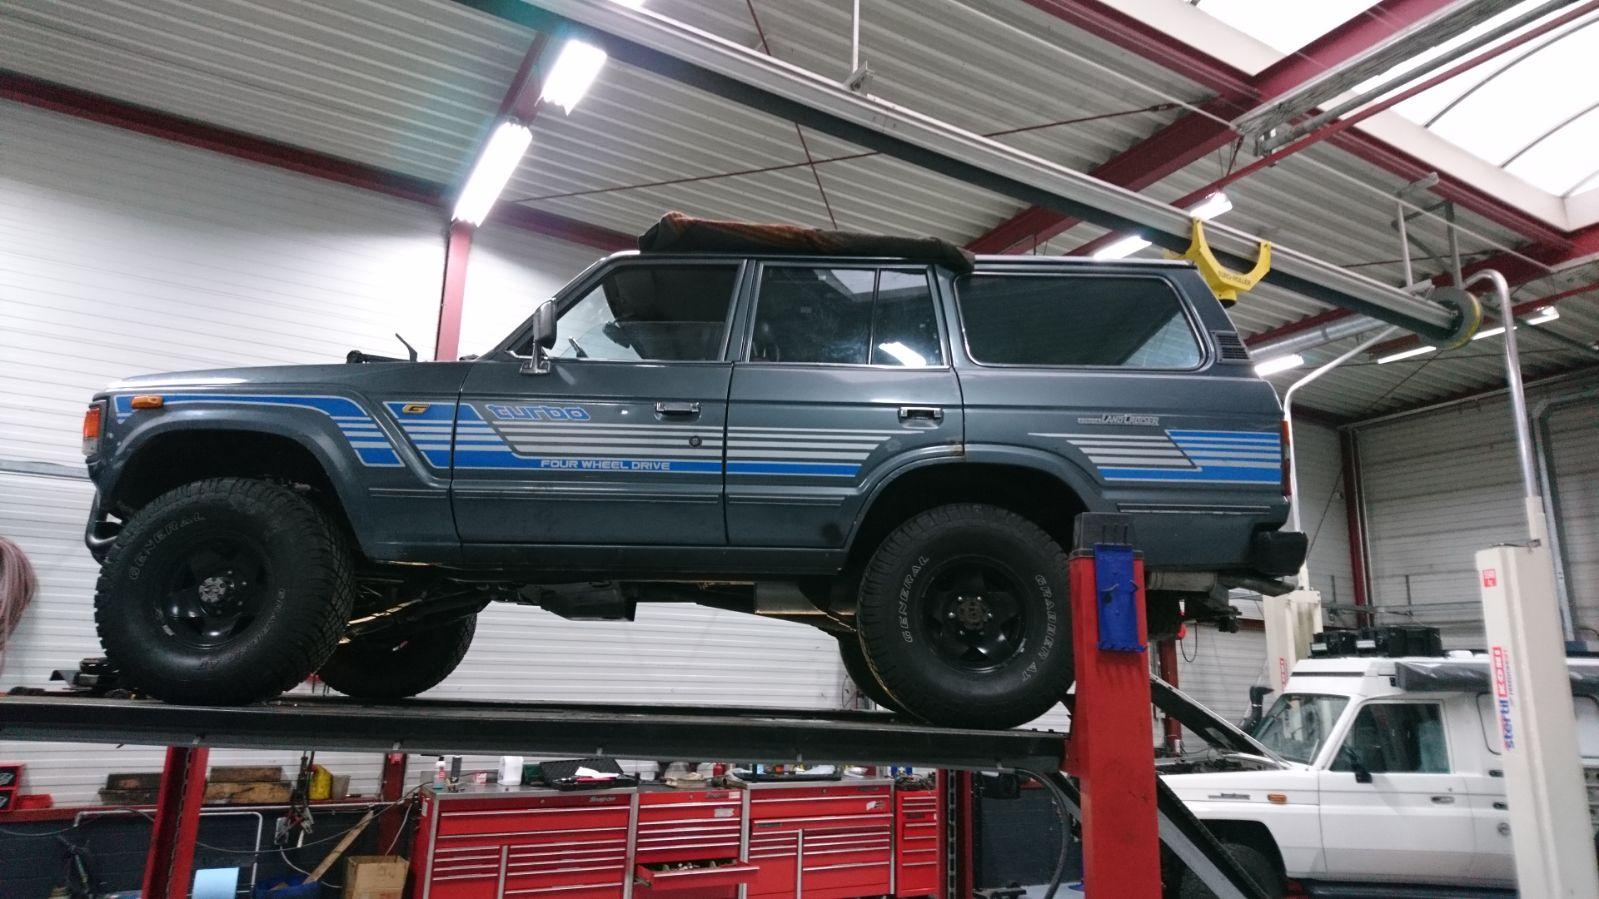 Maak kennis met onze Toyota Landcruiser HJ60